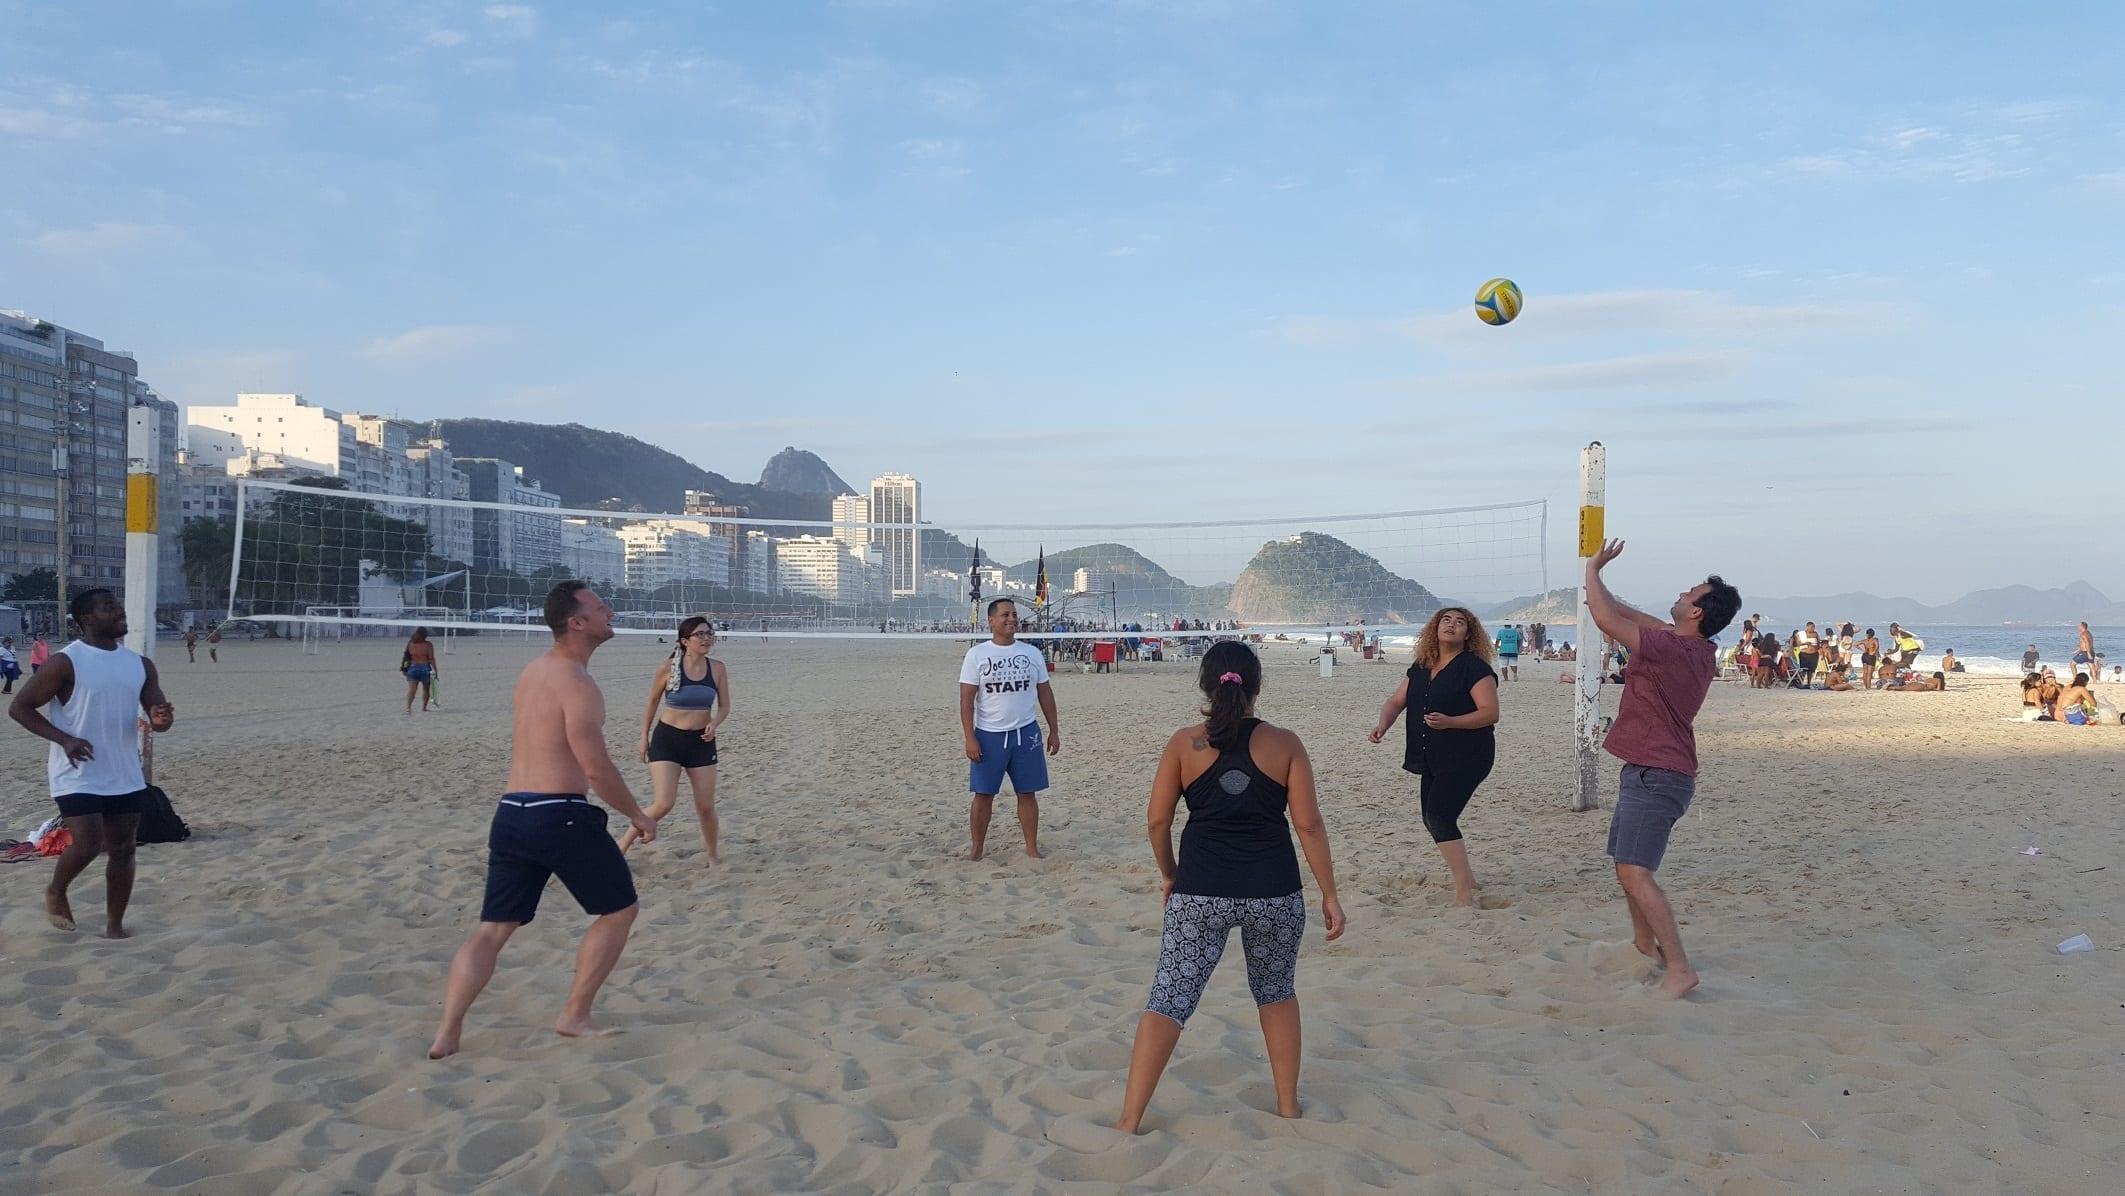 Calentando en Copacabana ante de jugar un partido de beach volley salvaje.